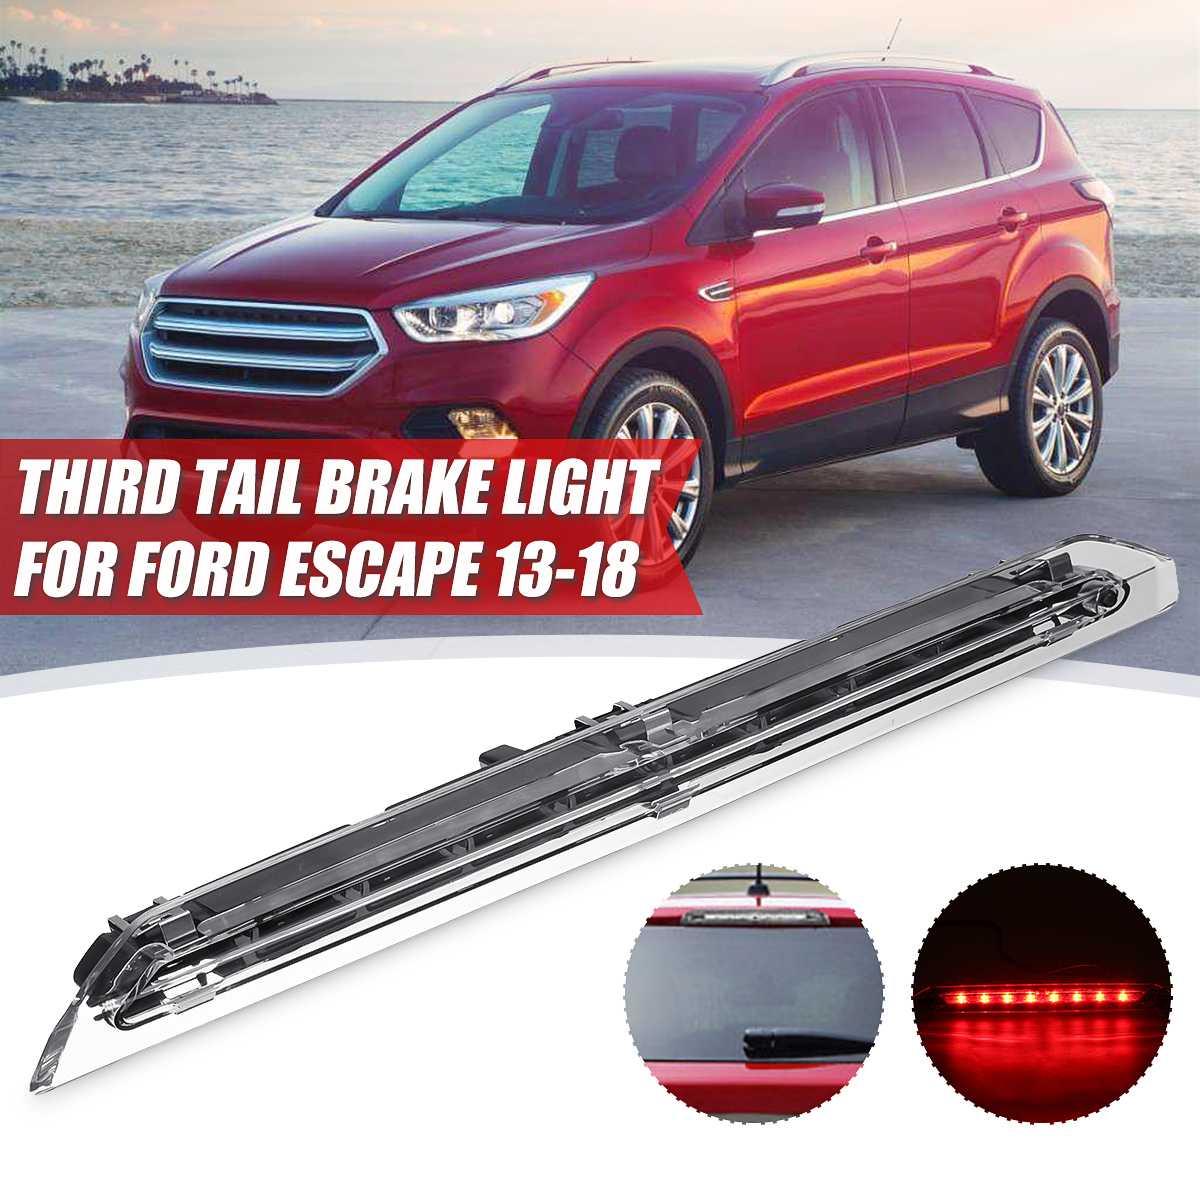 Voiture LED troisième 3rd feu de frein arrière Cargo lampe queue Stop lumière Bar pour Ford Escape 2013 2014 2015 2016 2017 2018